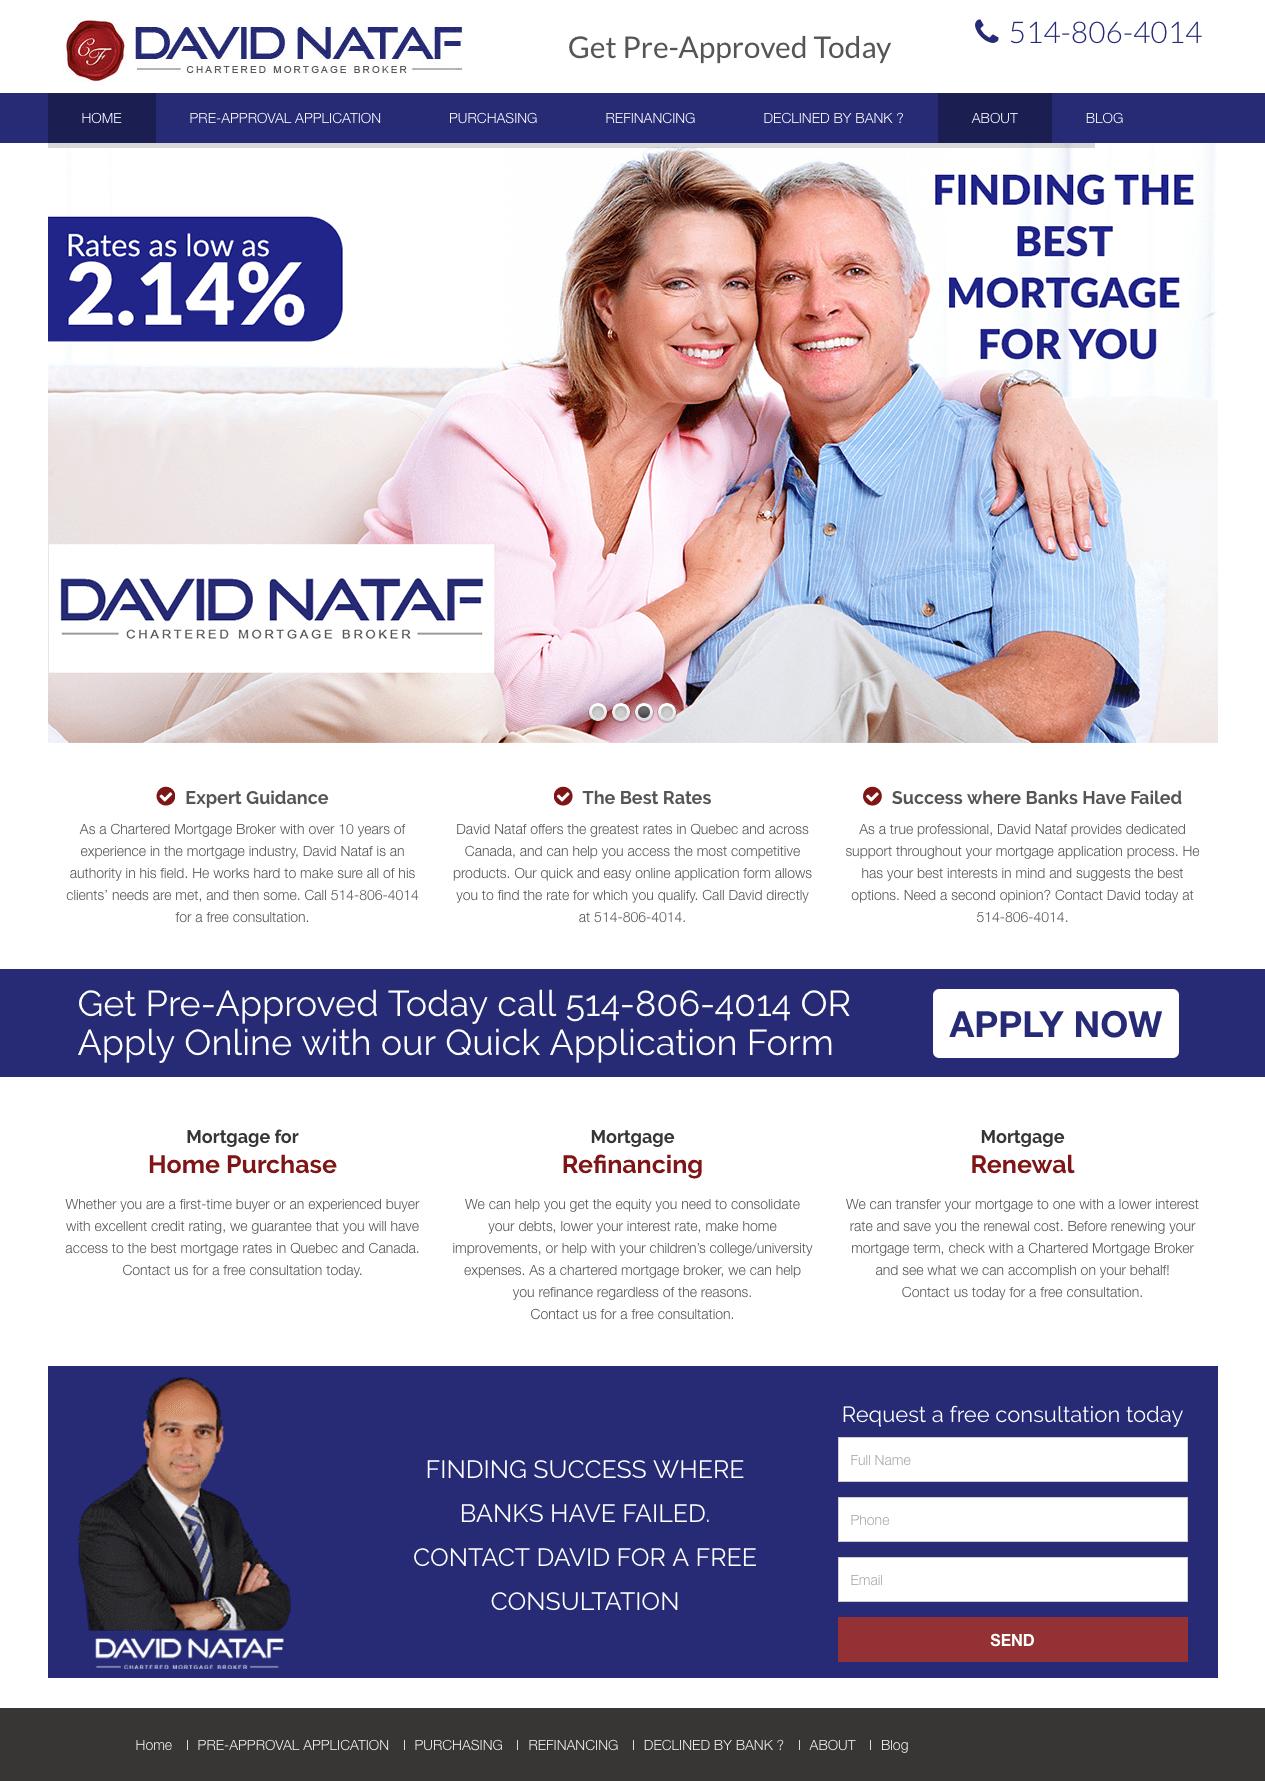 David Nataf